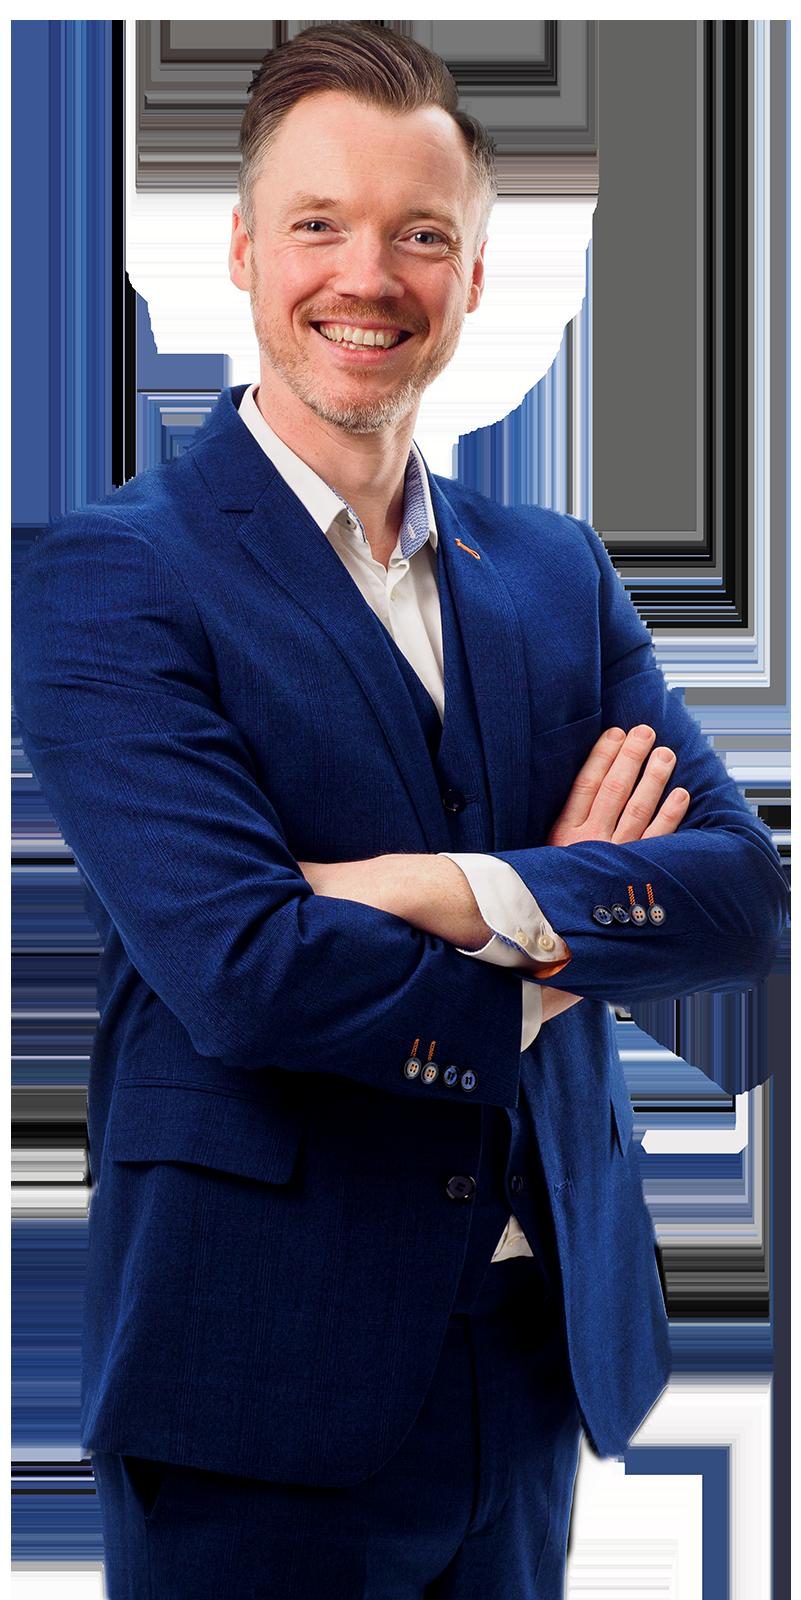 Adam Foster, Managing Director